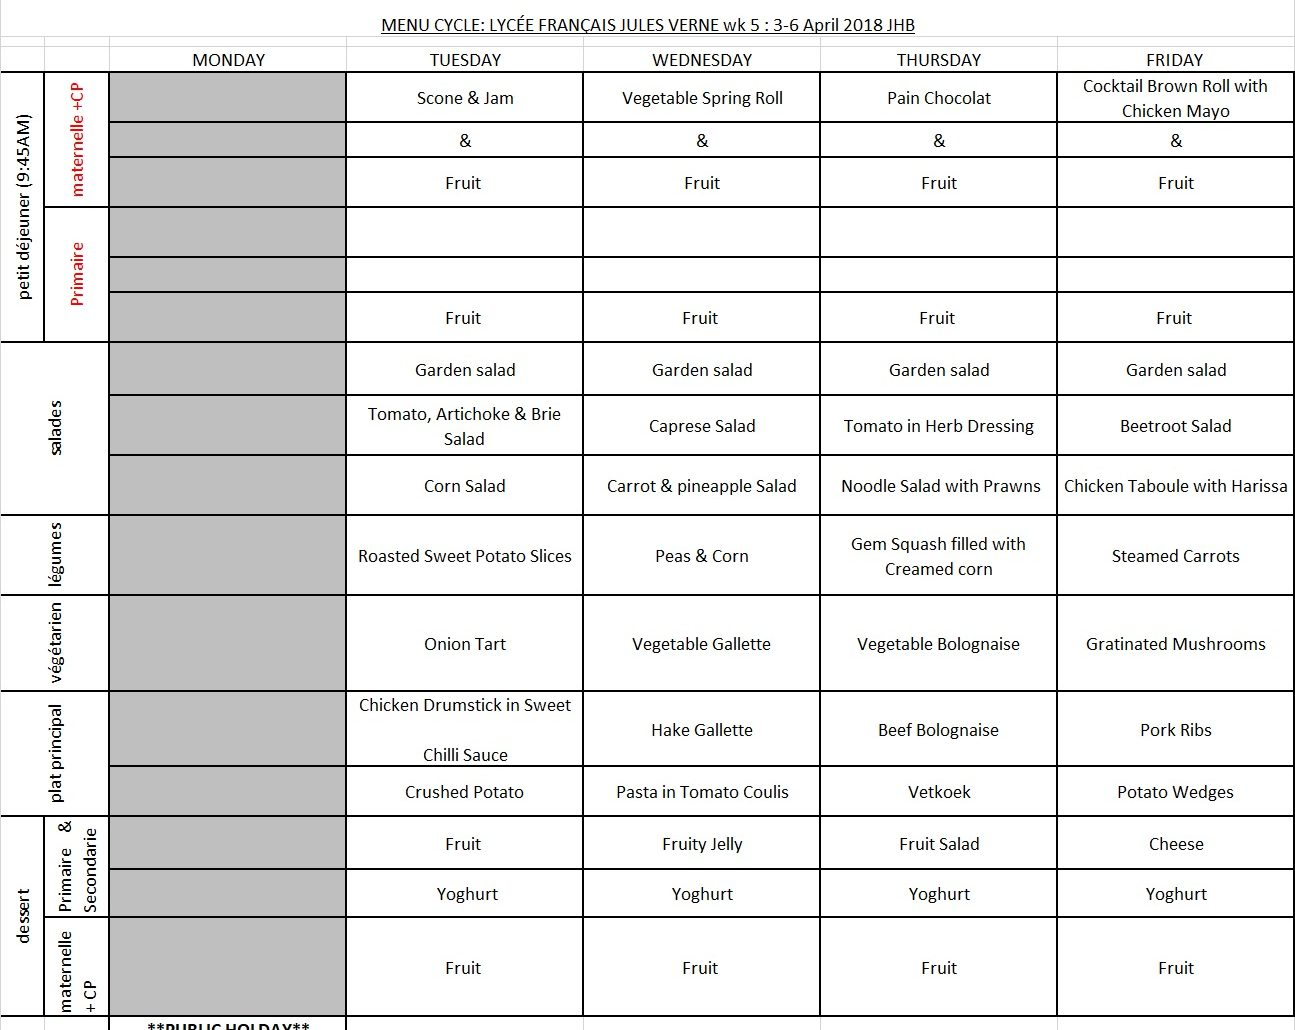 MENU JHB - WEEK 5 - 3 APRIL